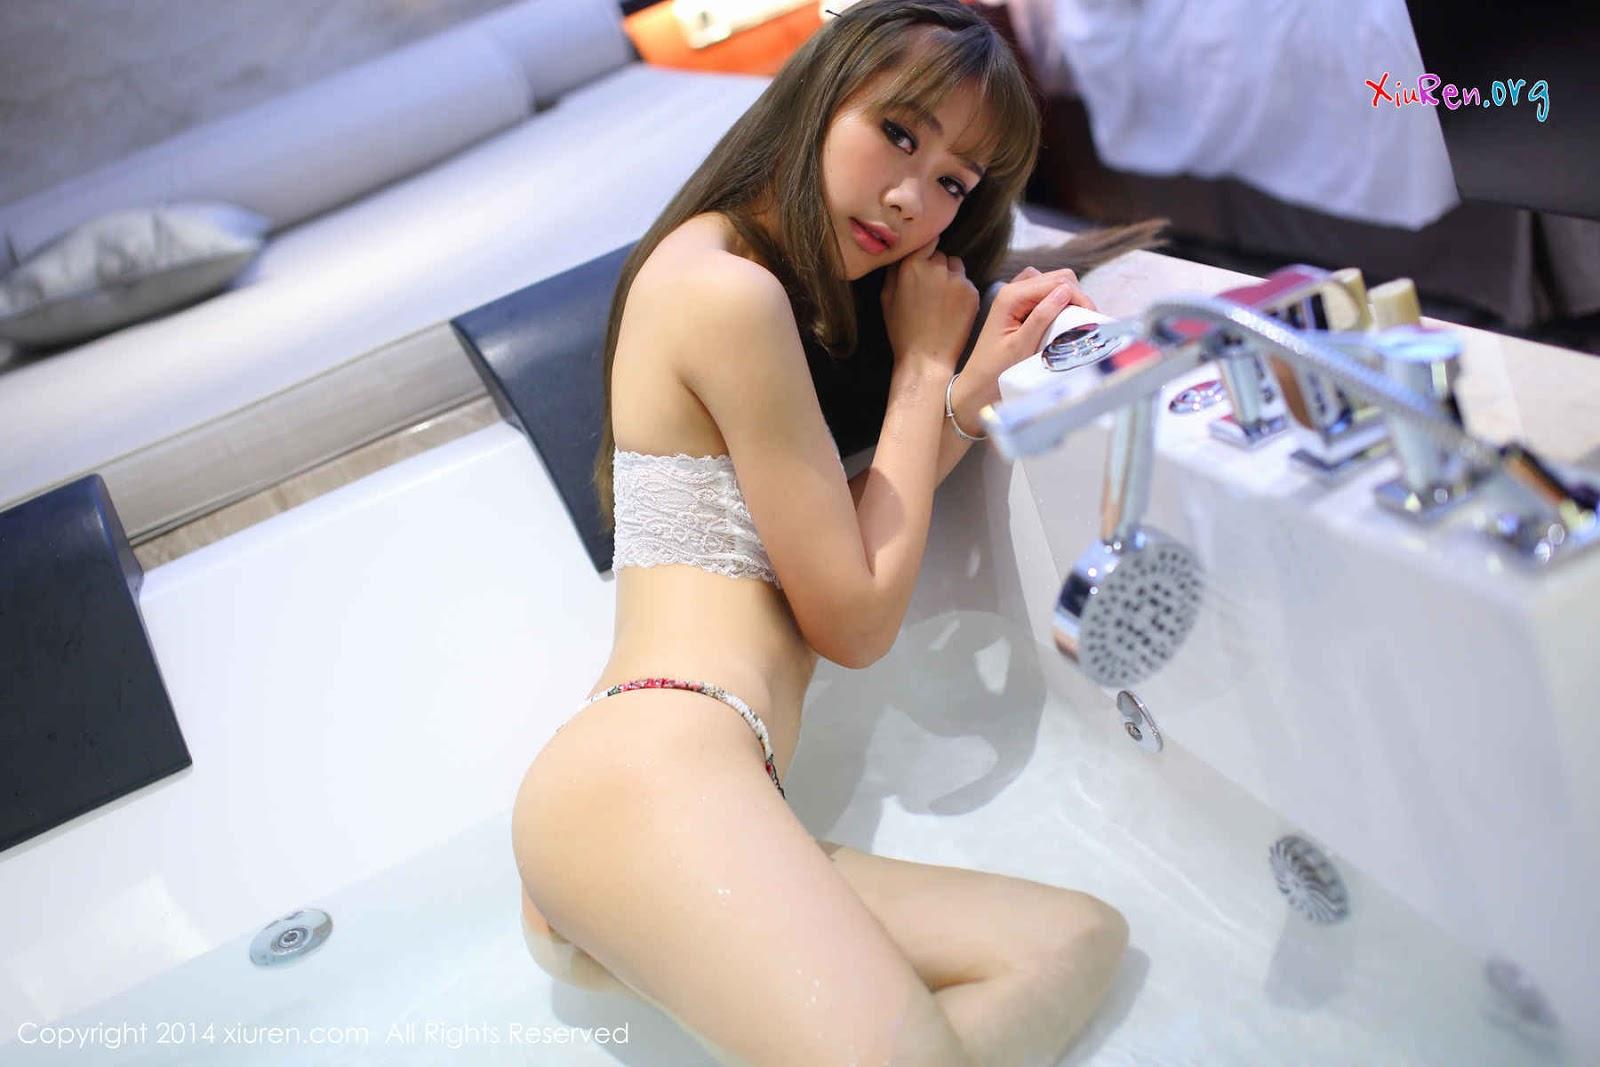 Ảnh gái đẹp HD Ngồi bên em phê chảy nước 7